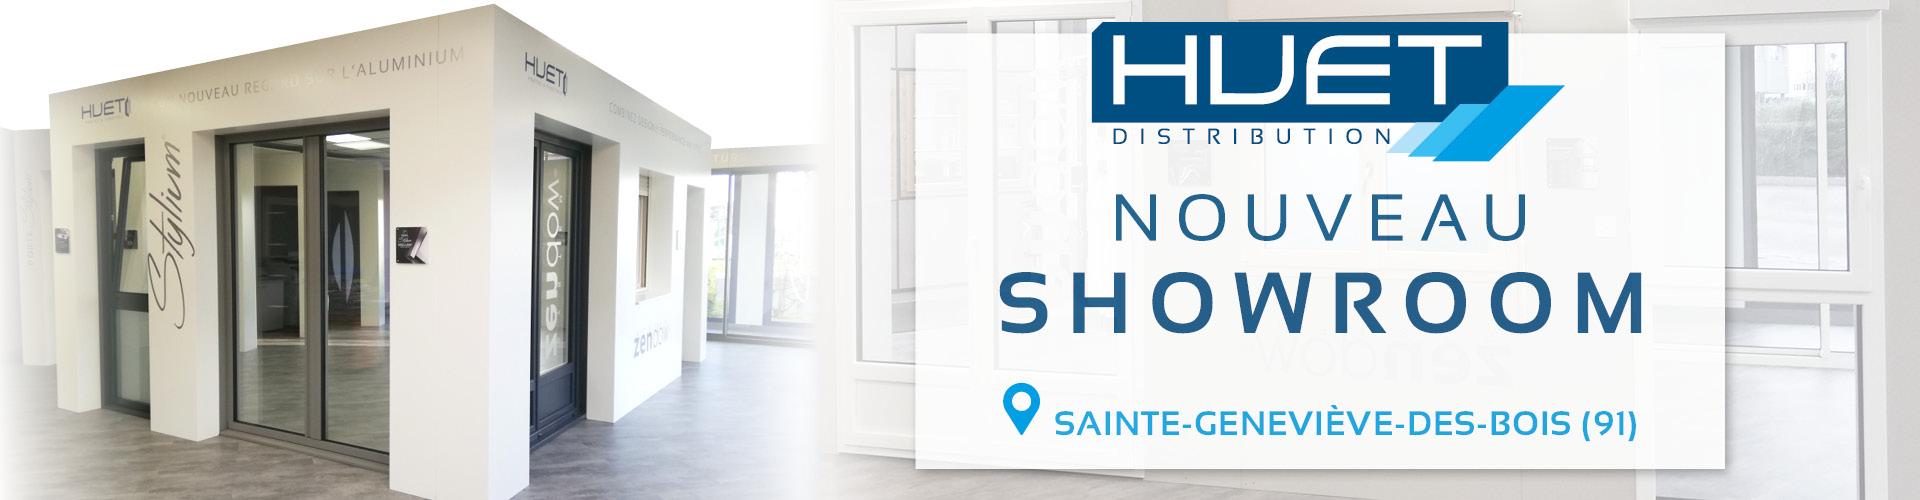 HUET Distribution : nouveau showroom à Sainte-Geneviève-des-Bois